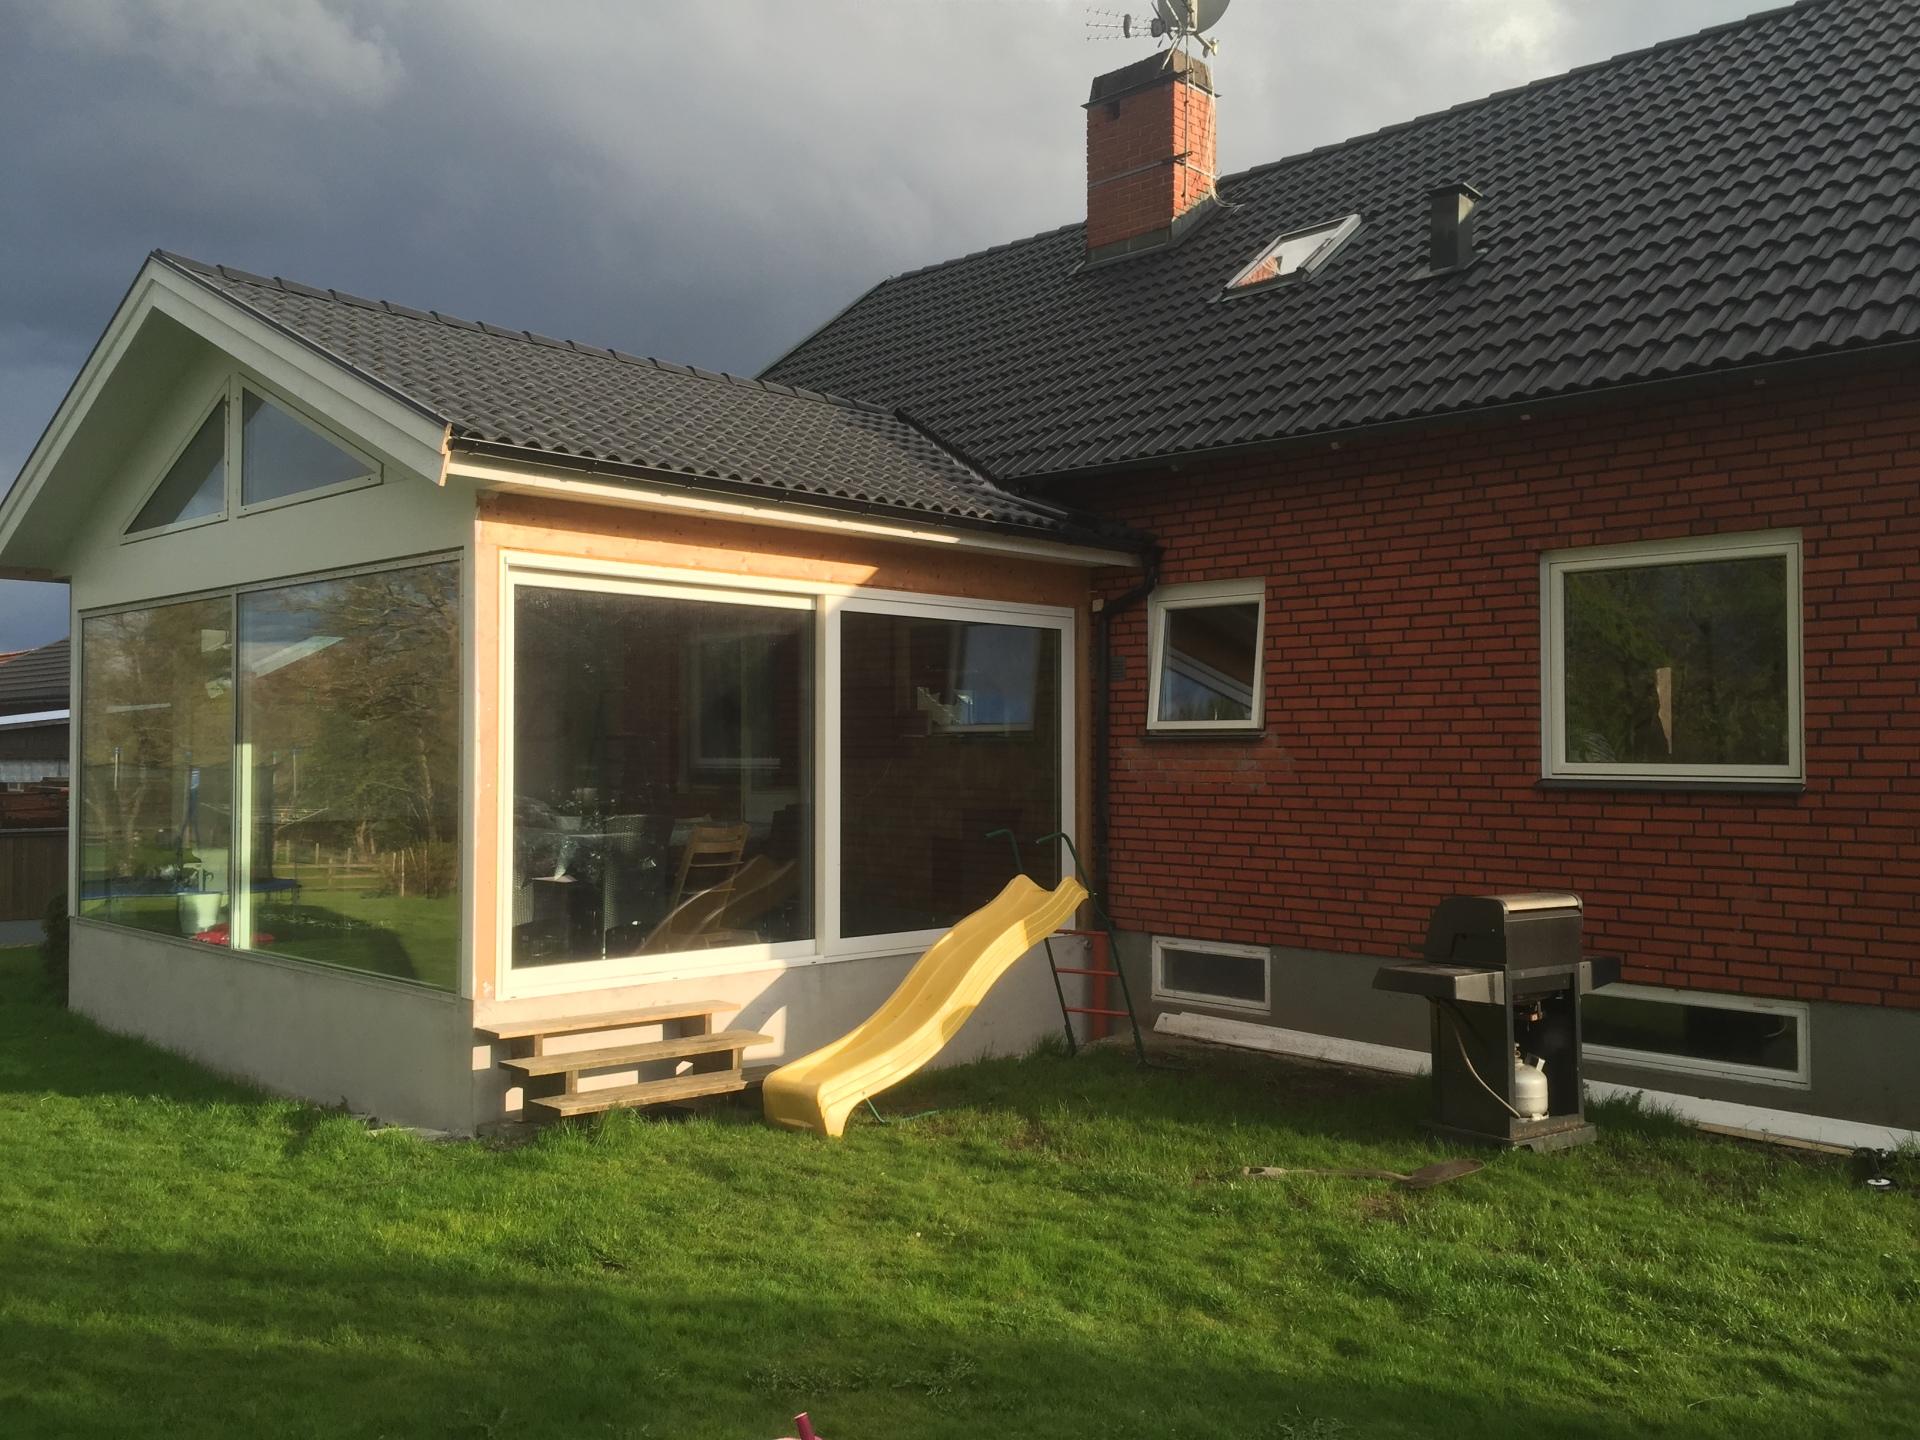 byggföretag byggtjänst i bredaryd som jobbar i Smålandsstenar